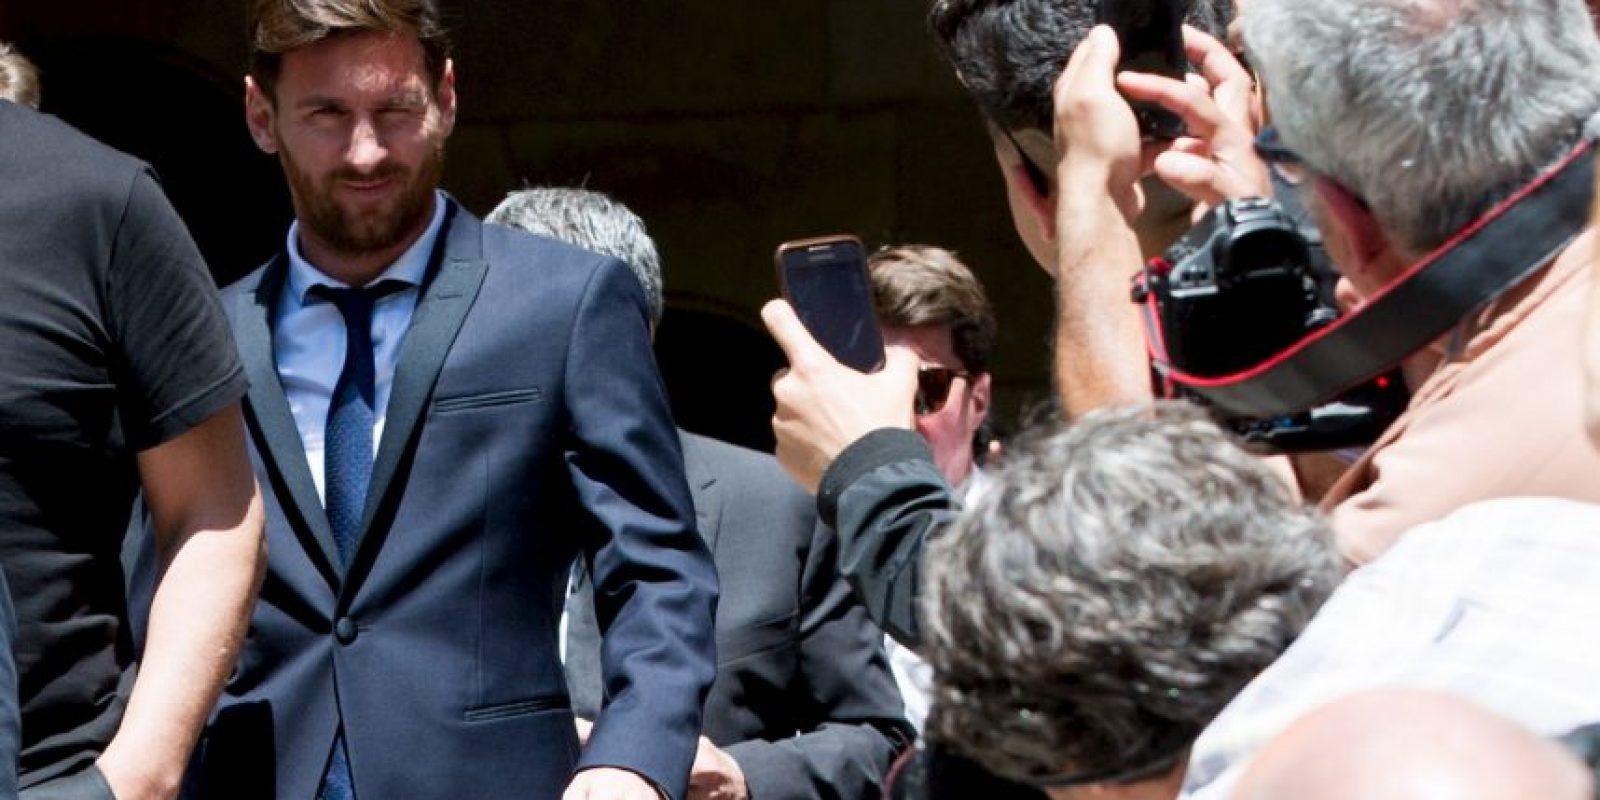 Sus problemas comenzaron el 2 de julio, cuando tuvo que declarar por evasión de impuestos Foto:Getty Images